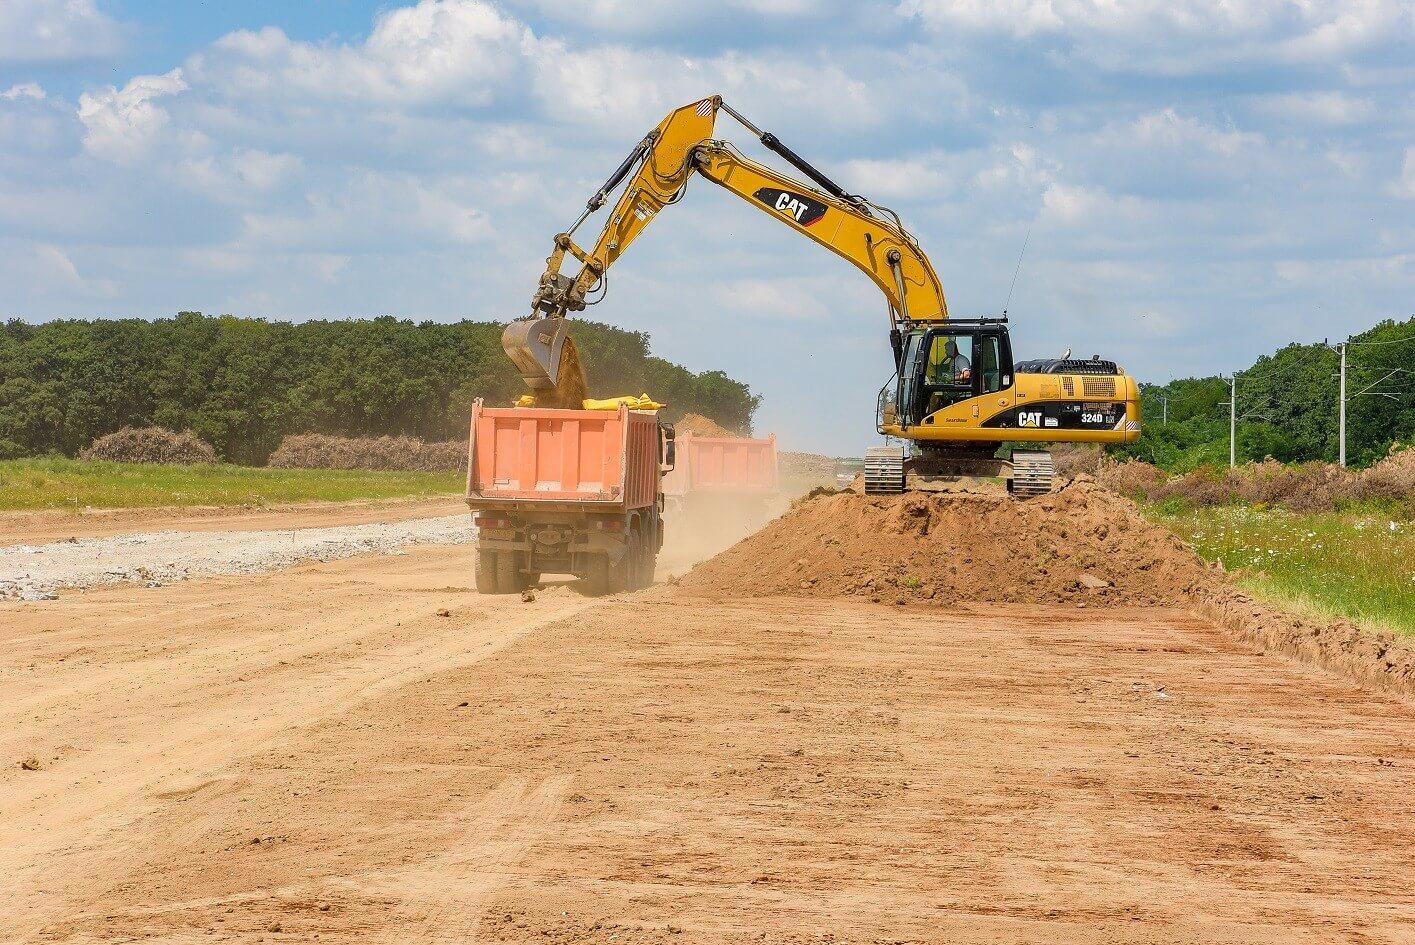 Ősztől a nagytömegű földmunkákkal folytatódik a kivitelezés az M85-ön